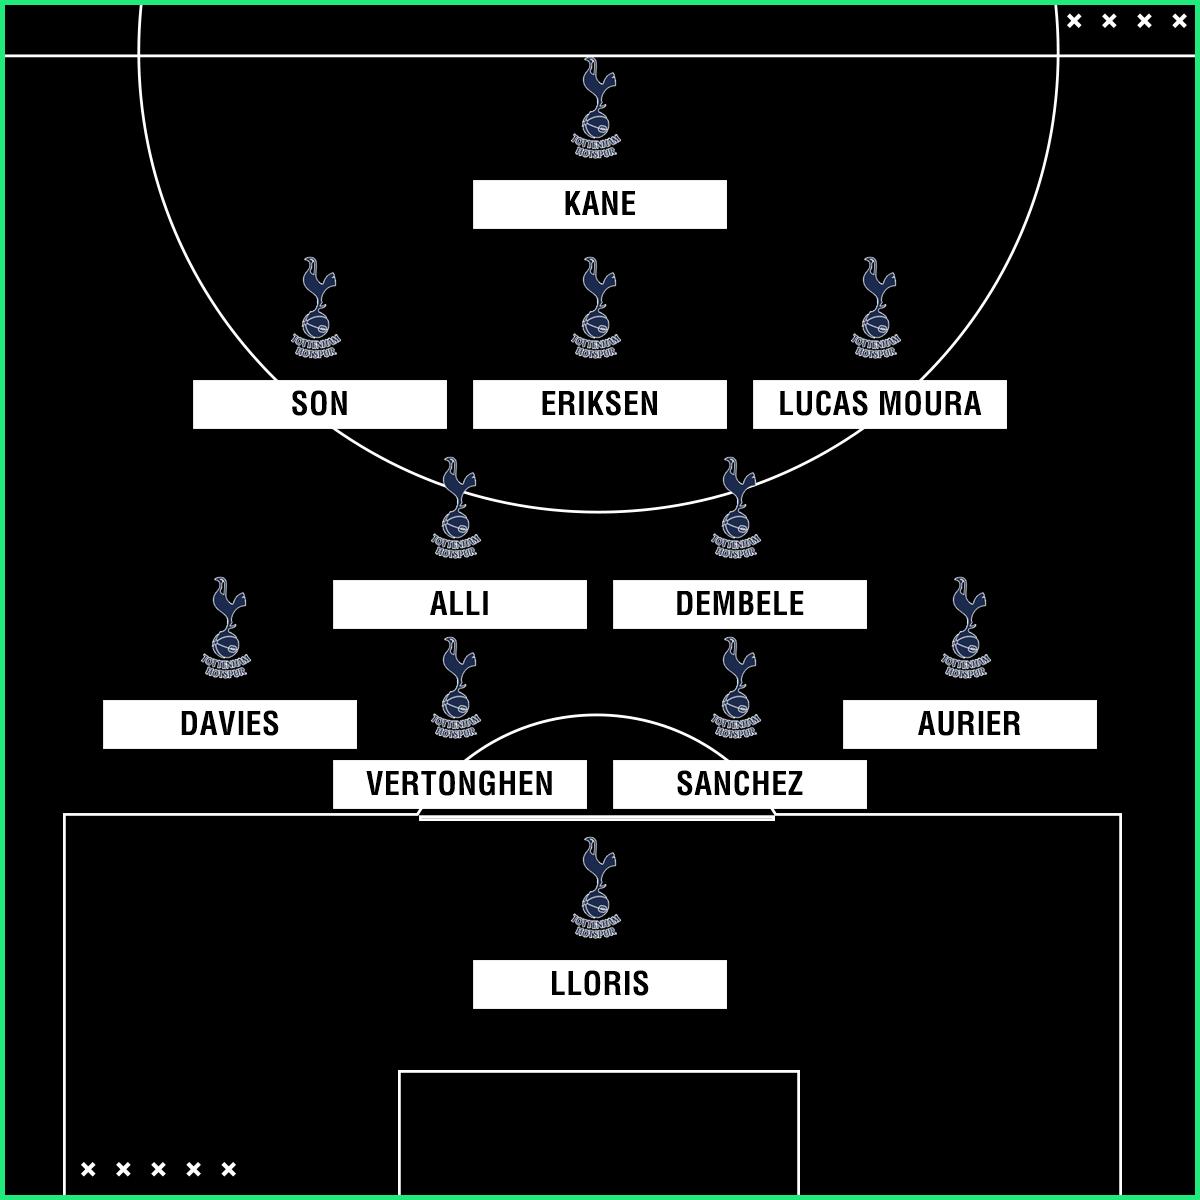 Spurs XI